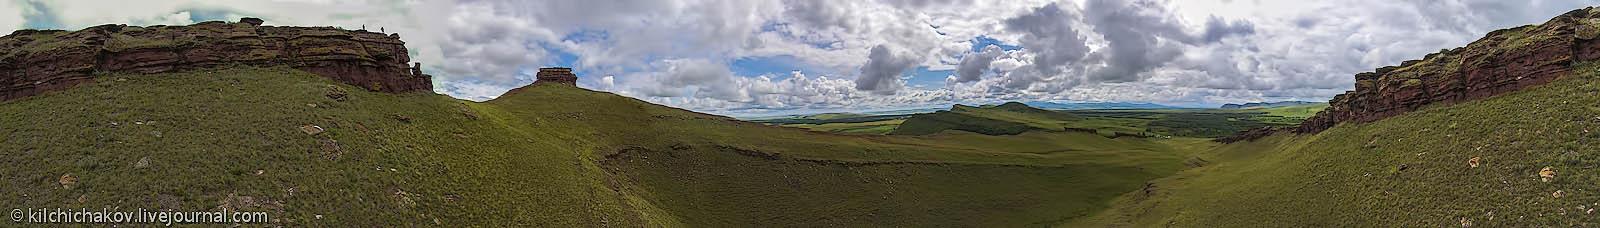 DJI00121 Panorama copy